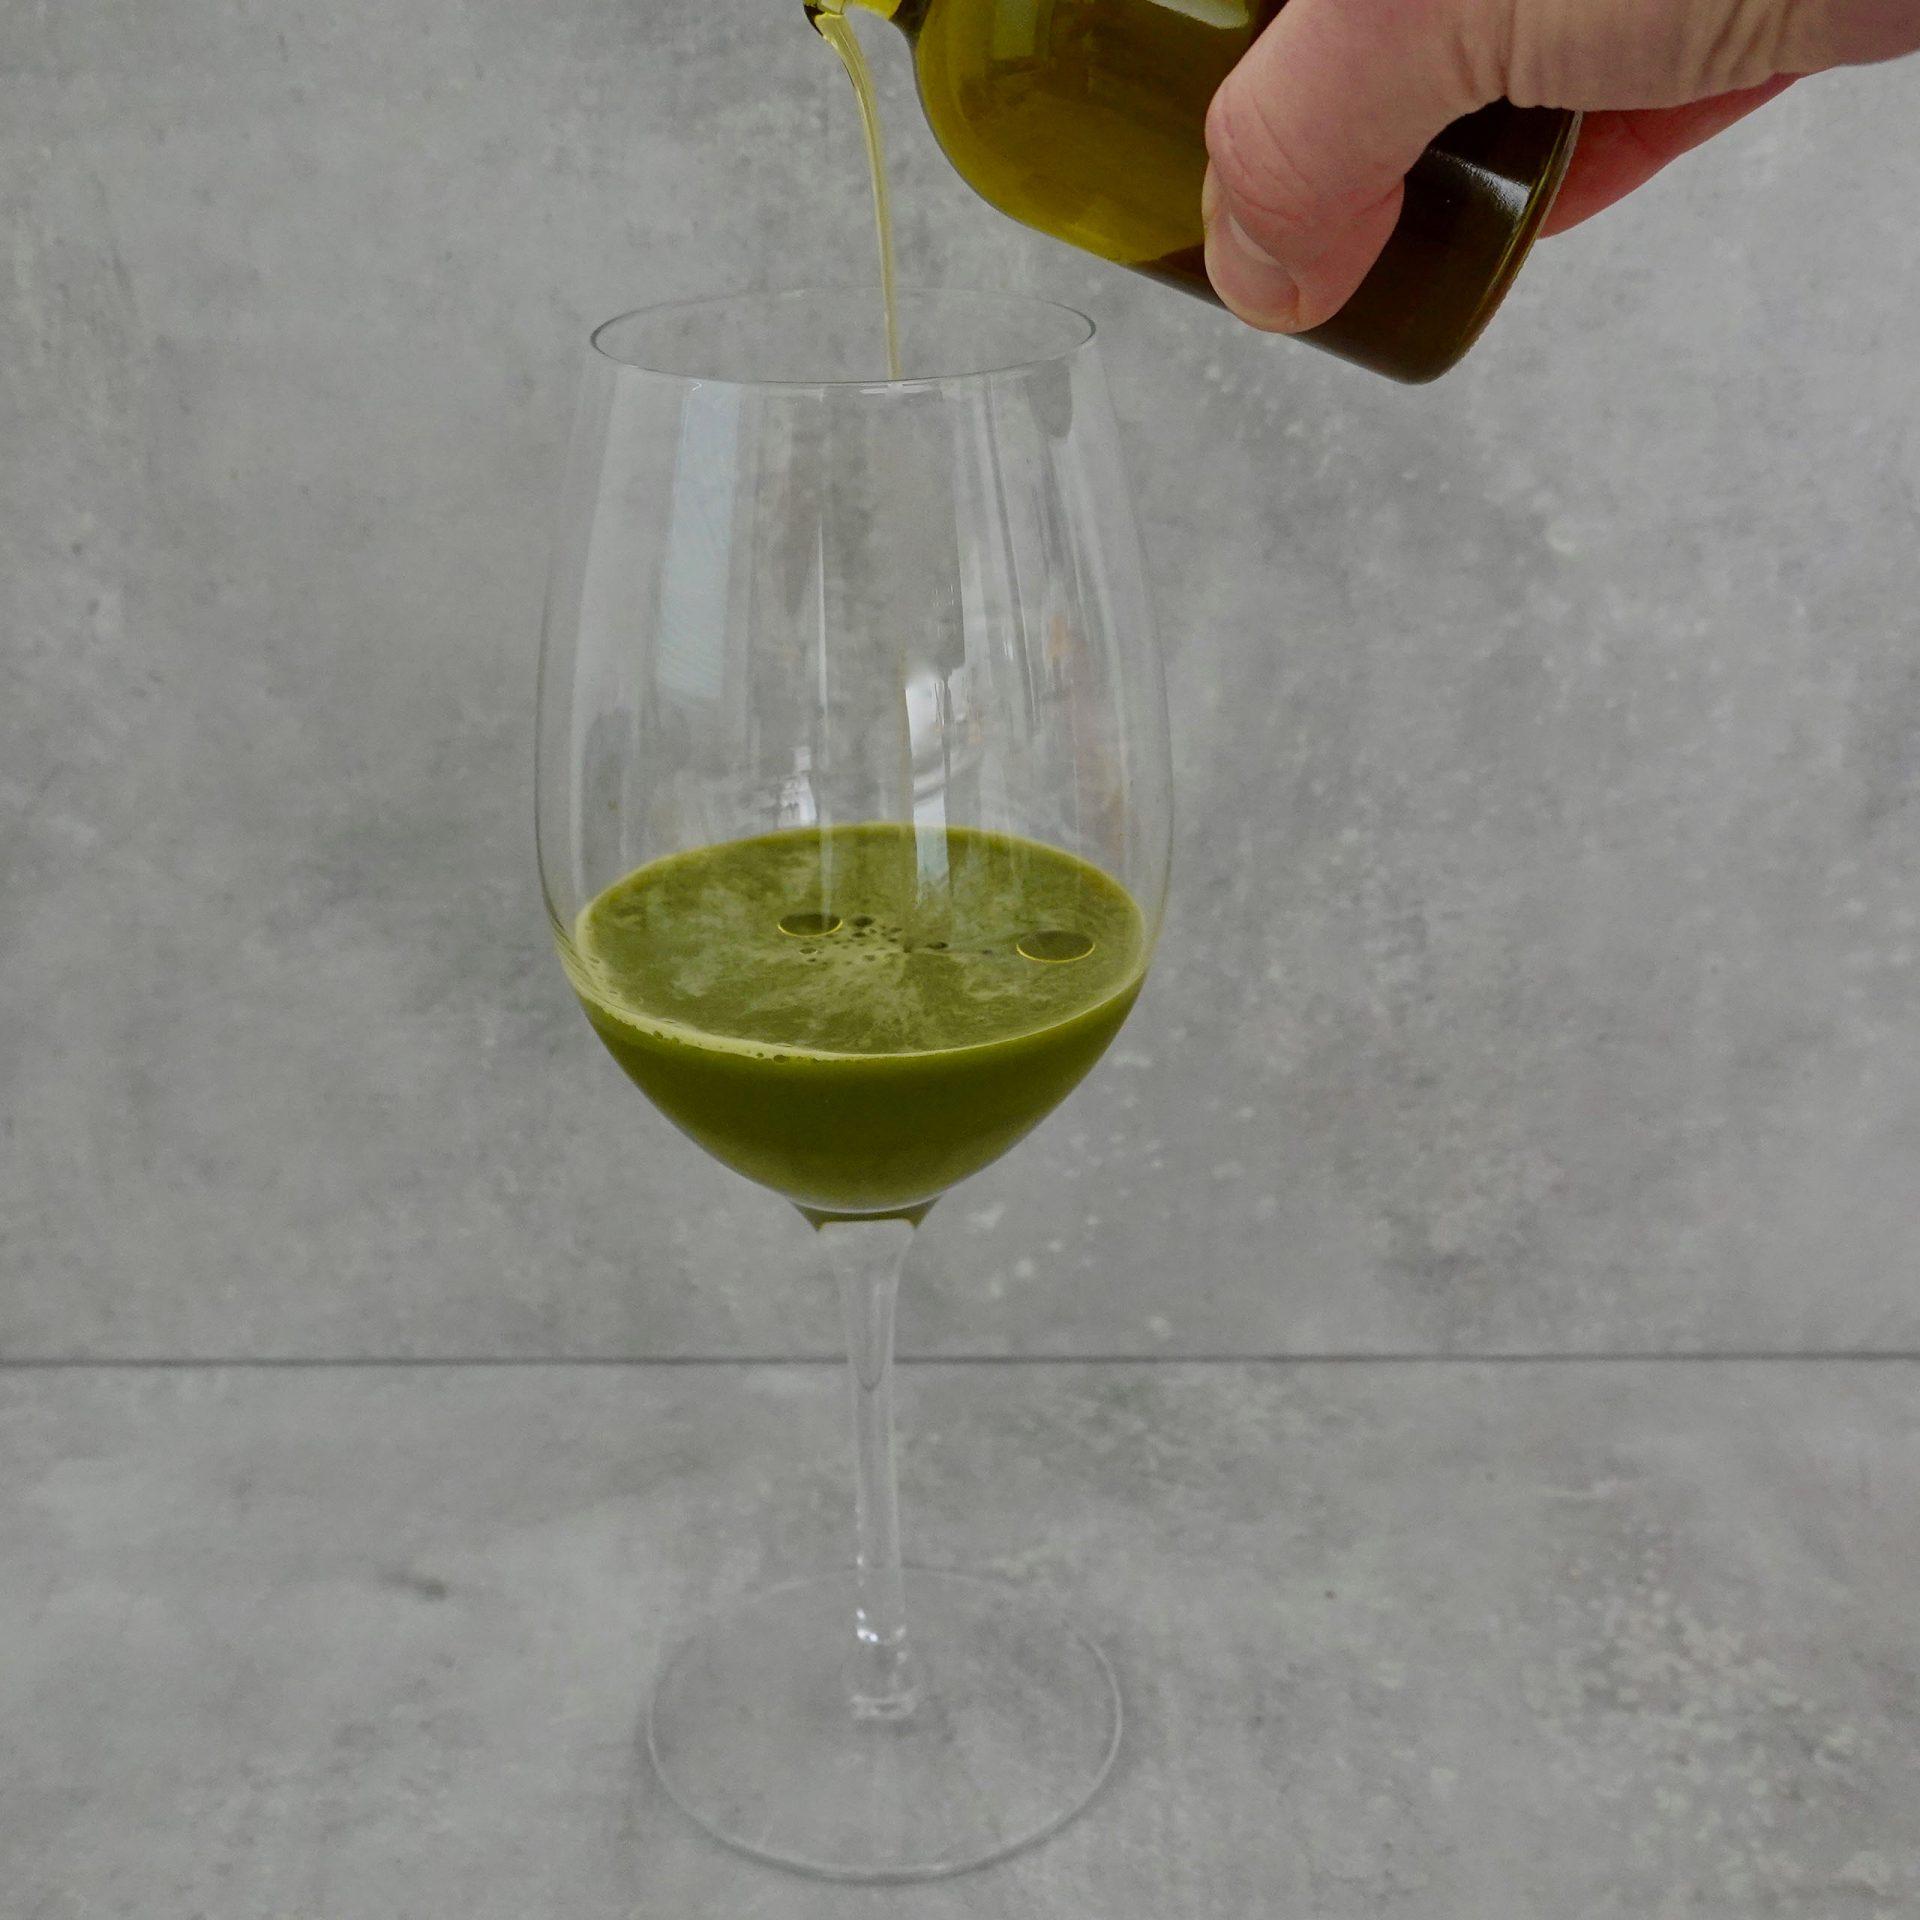 Der Kohlsaft wird ins Weinglas geschenkt